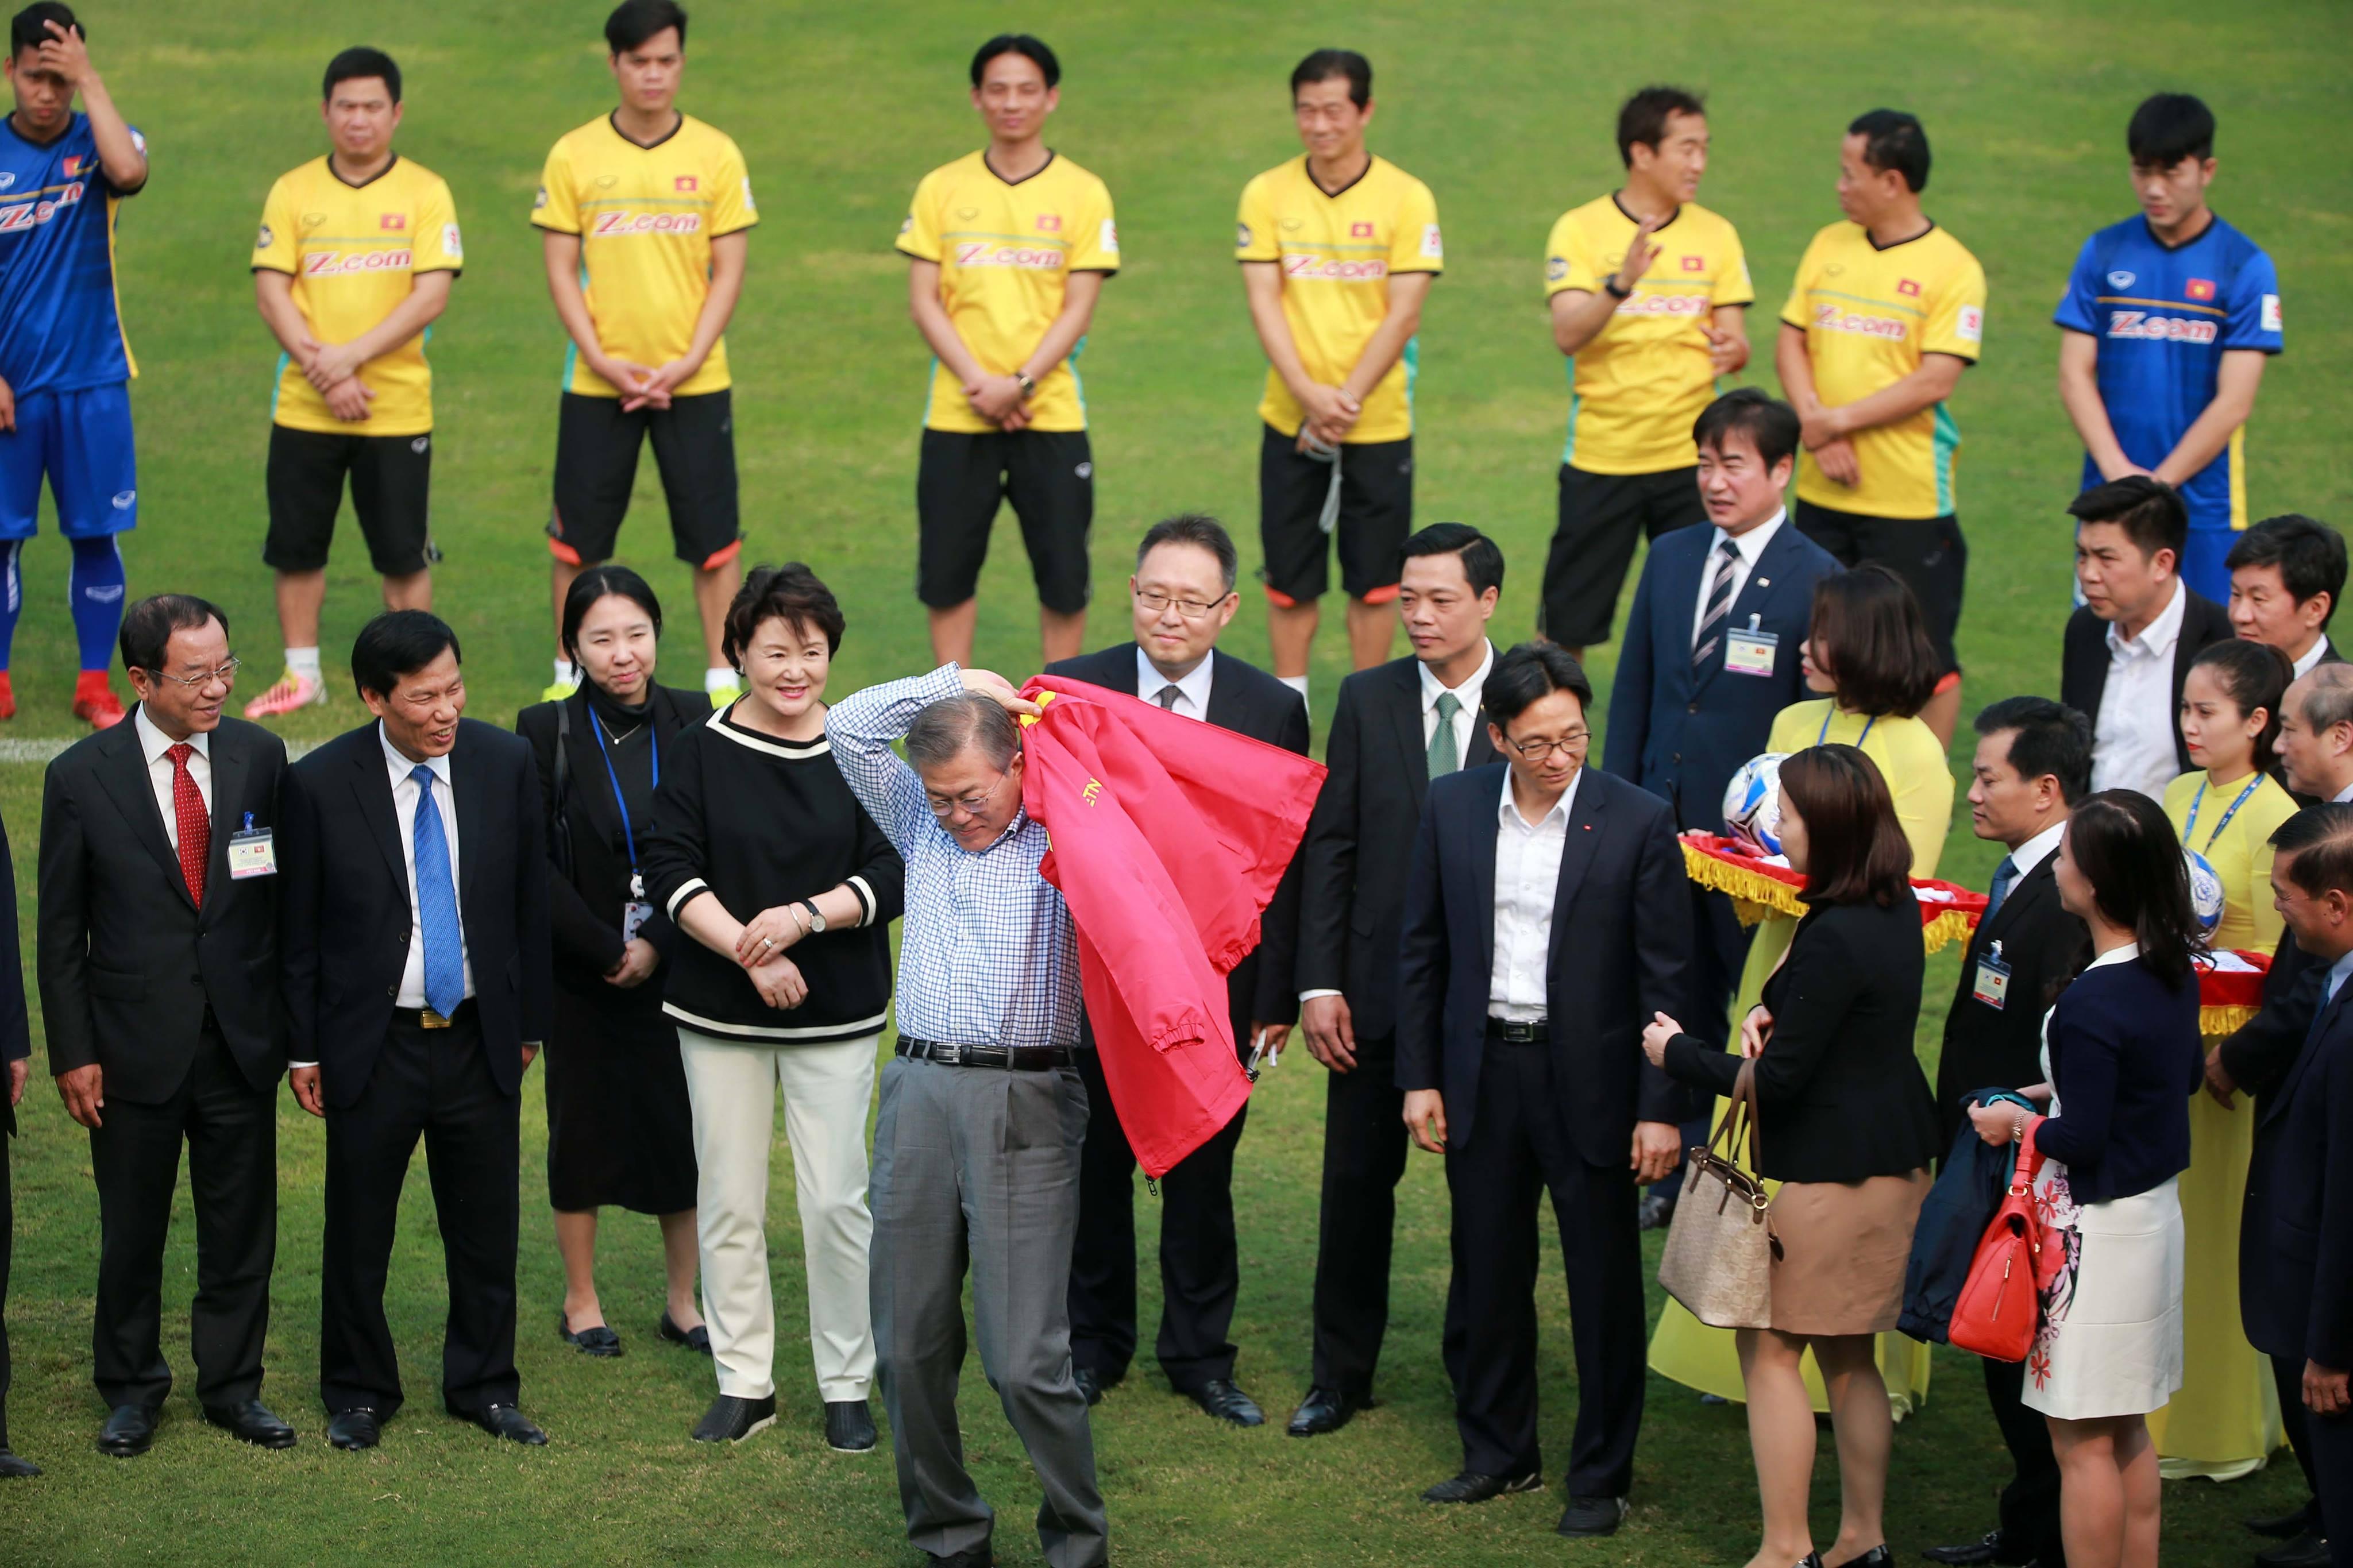 Tổng thống Hàn Quốc khoác áo của đội tuyển VN vào người trước khi cùng đá bóng với phó Thủ tướng Vũ Đức Đam. Ảnh: NAM KHÁNH